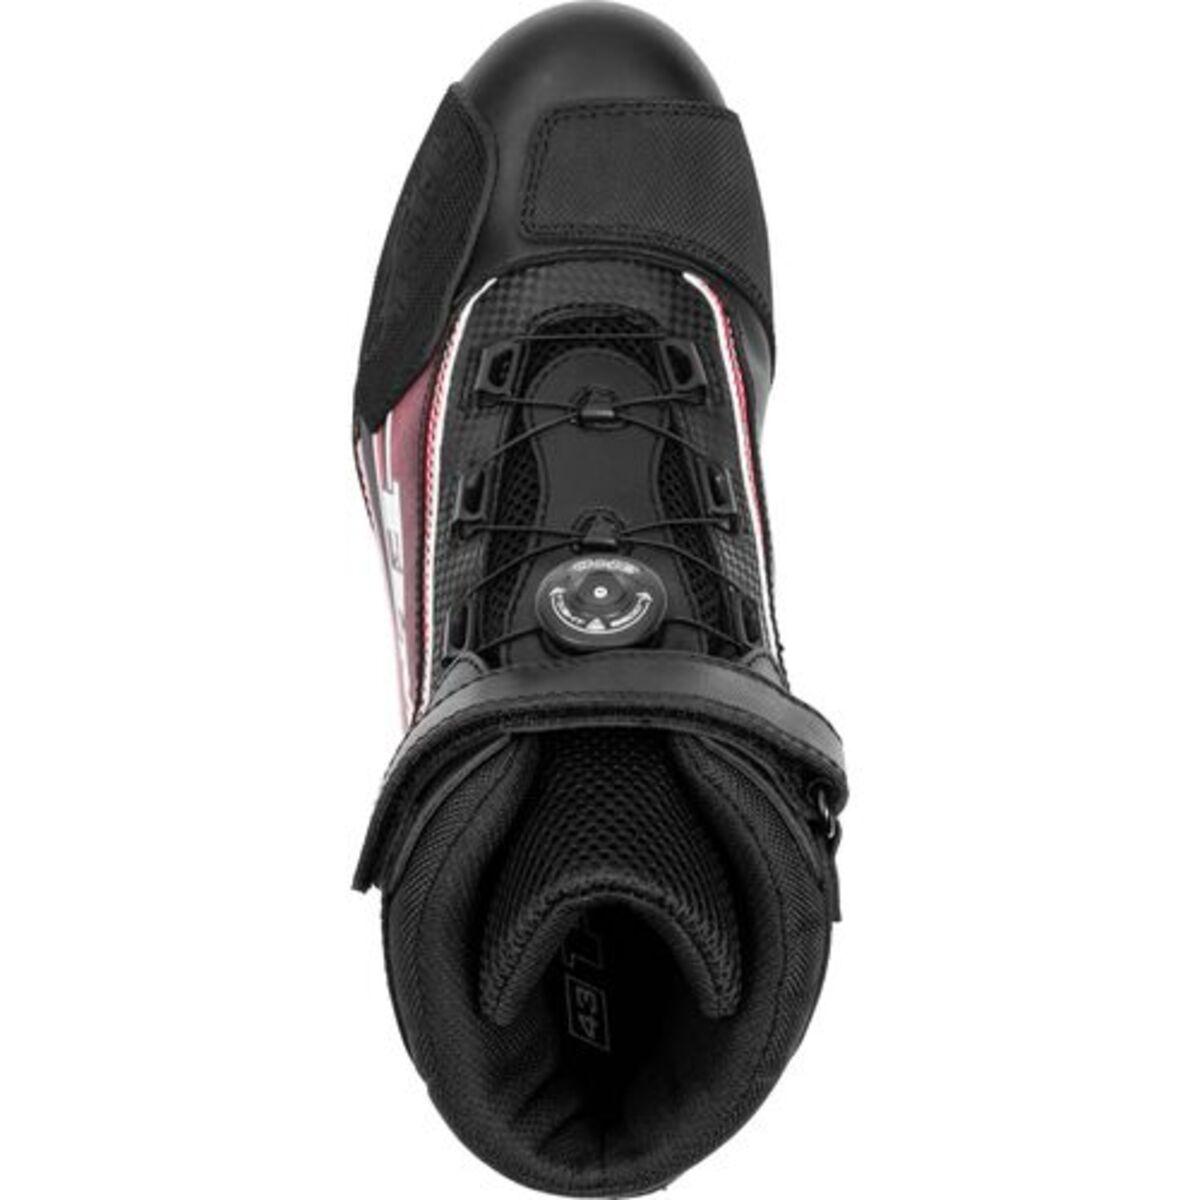 Bild 3 von FLM            Sports Schuh 1.2 schwarz/rot